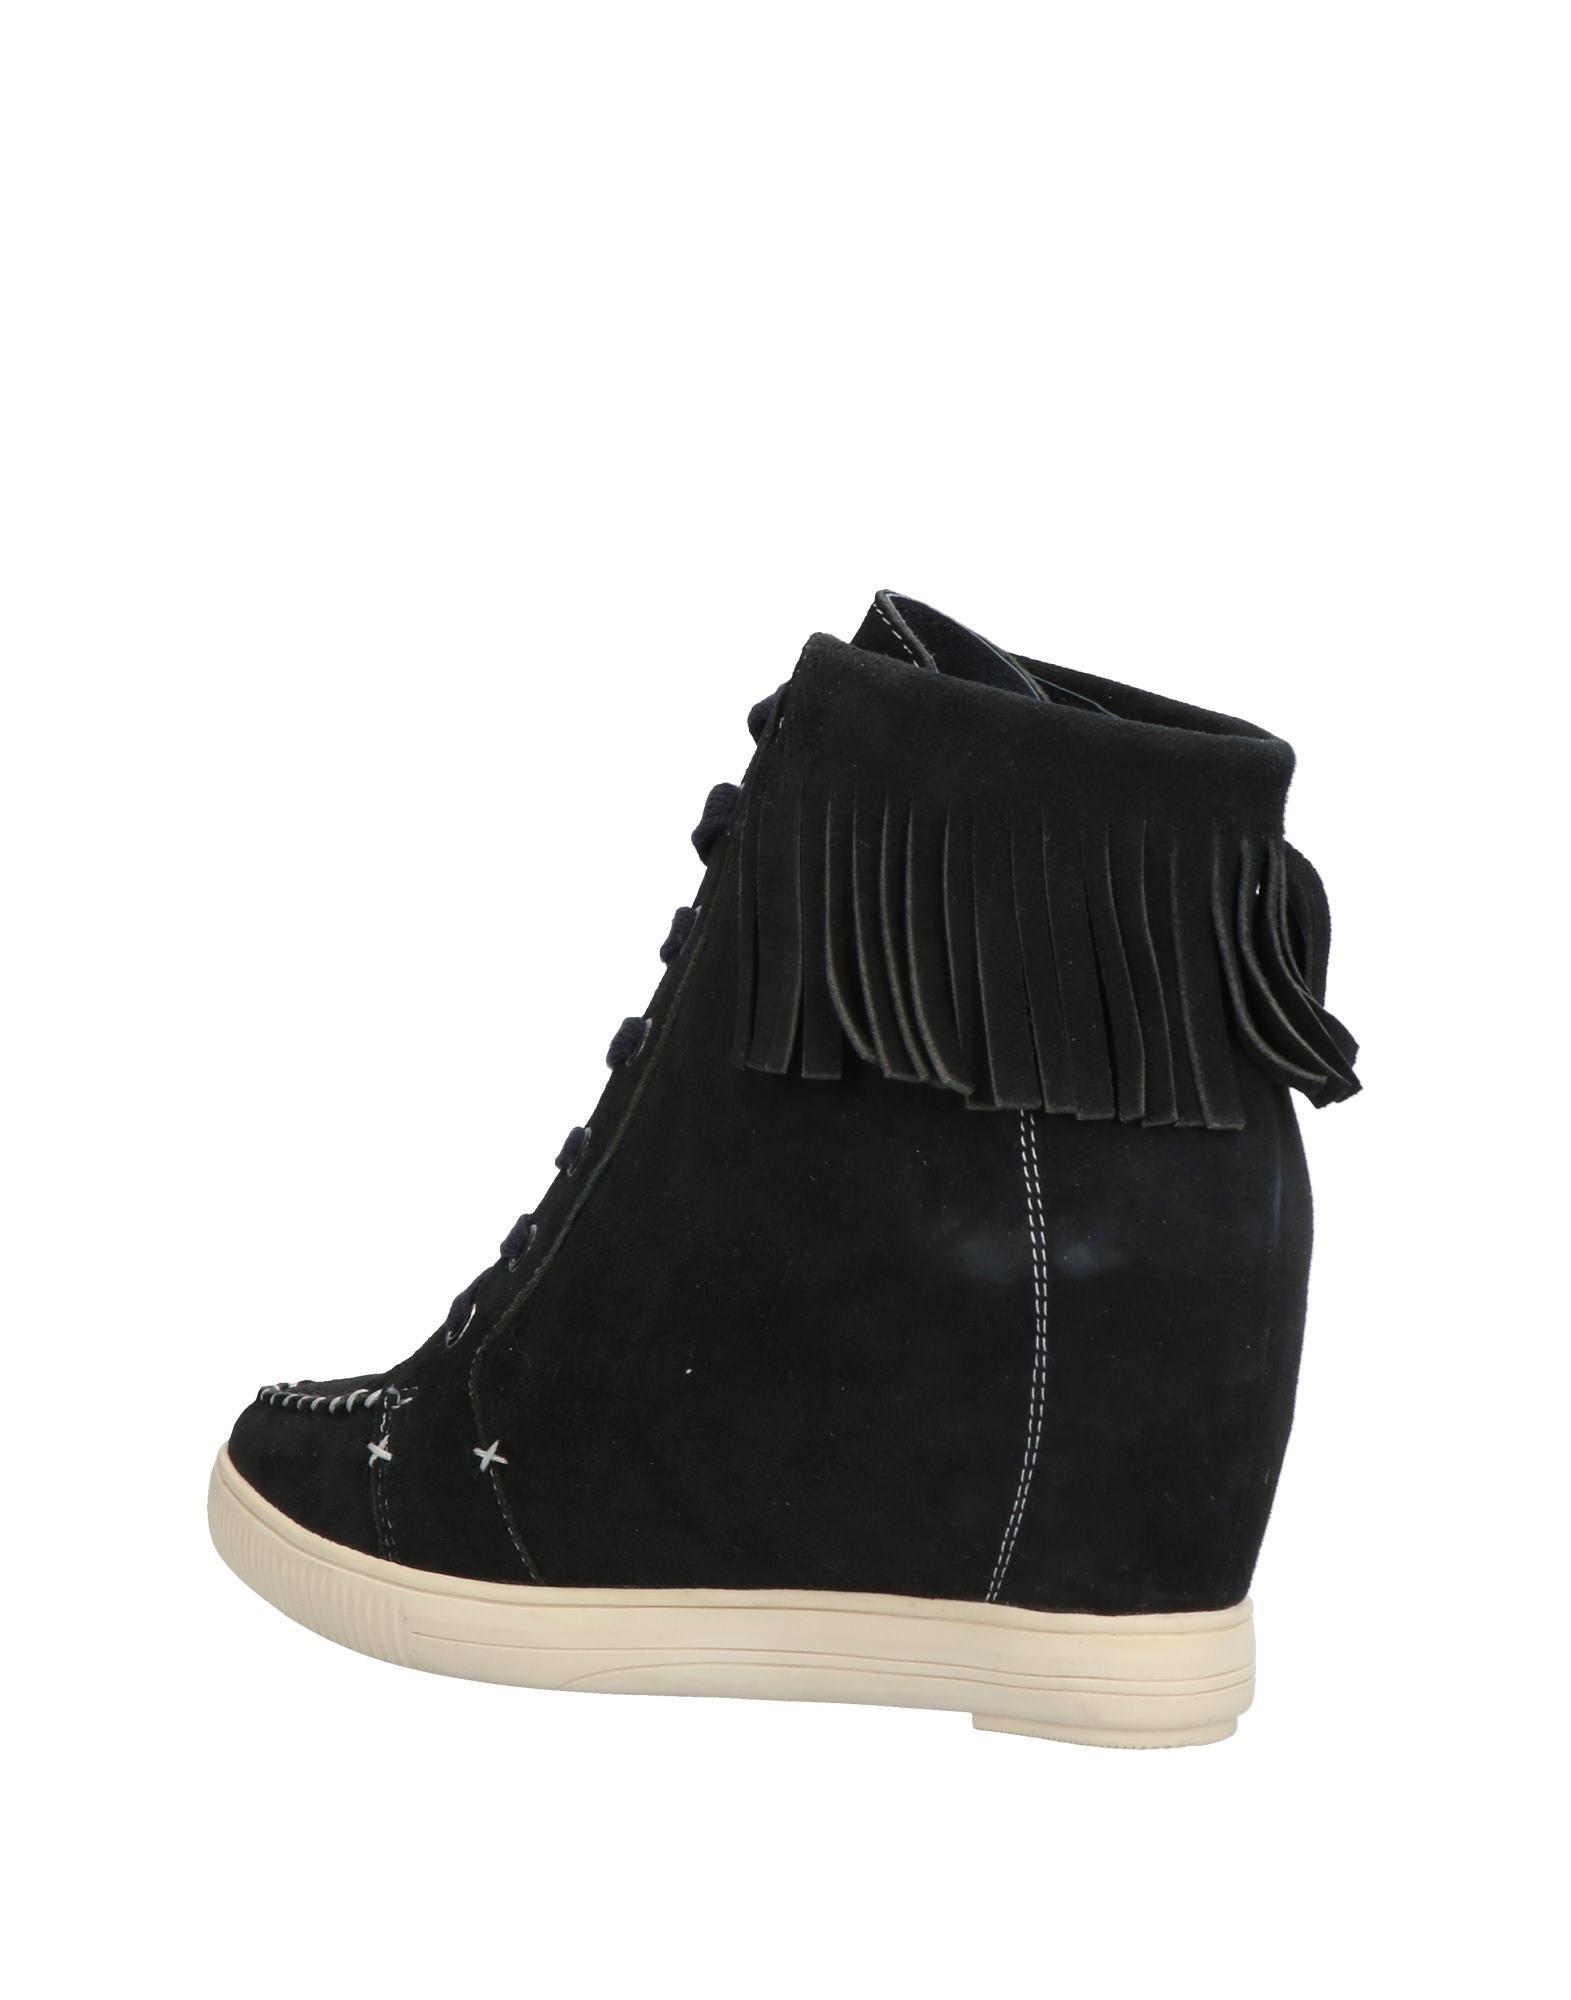 Gut um billige Damen Schuhe zu tragenMi/Mai Sneakers Damen billige  11506072GA 262e3b